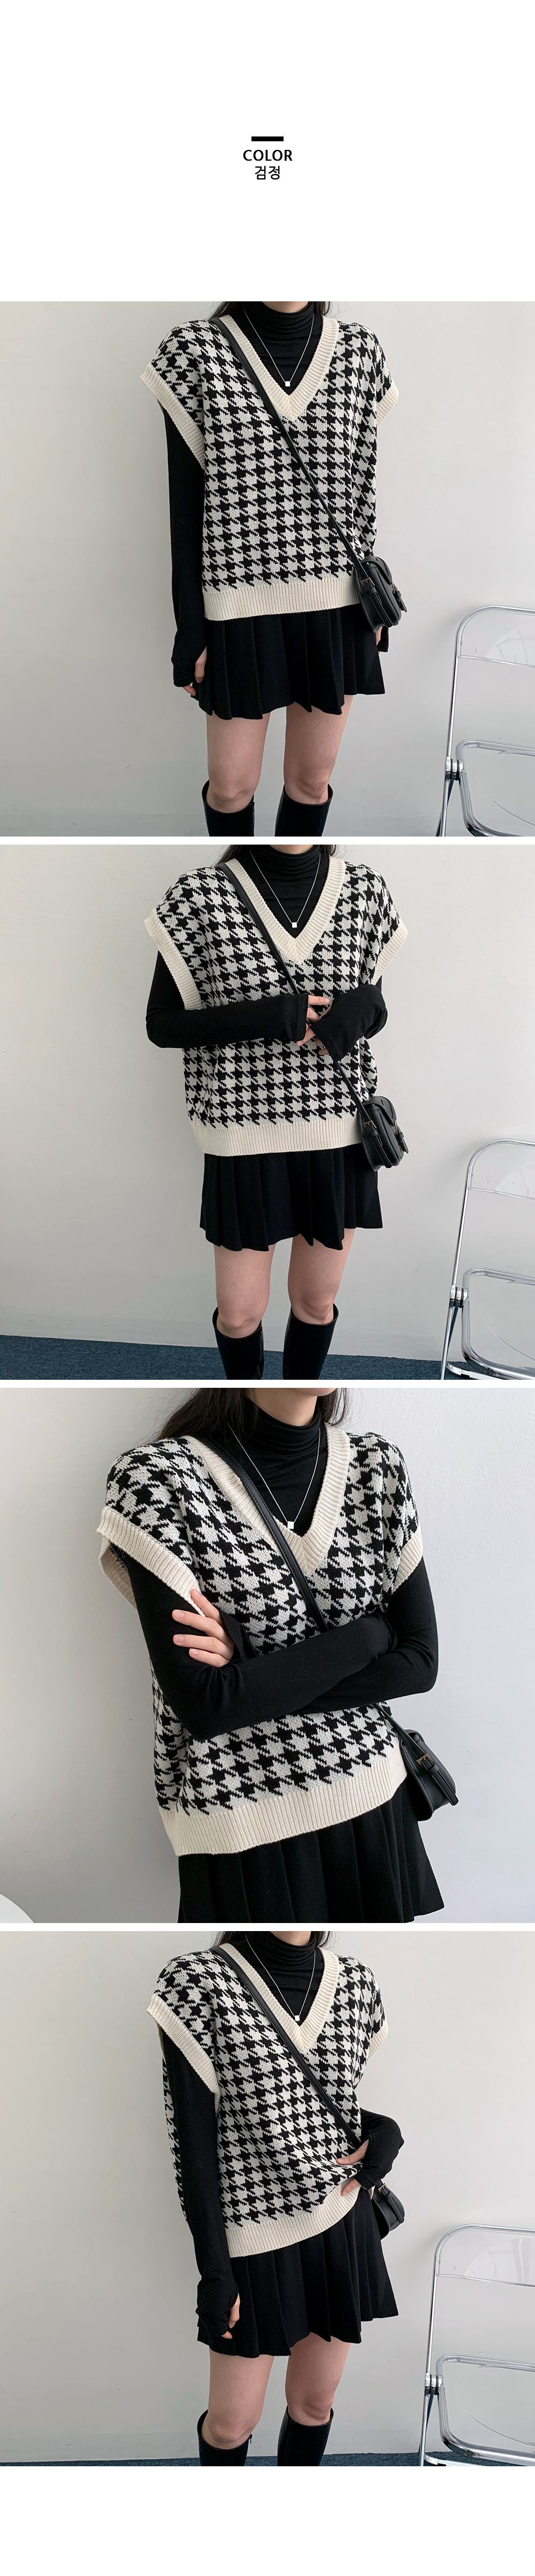 Hound Check Knitwear Vest